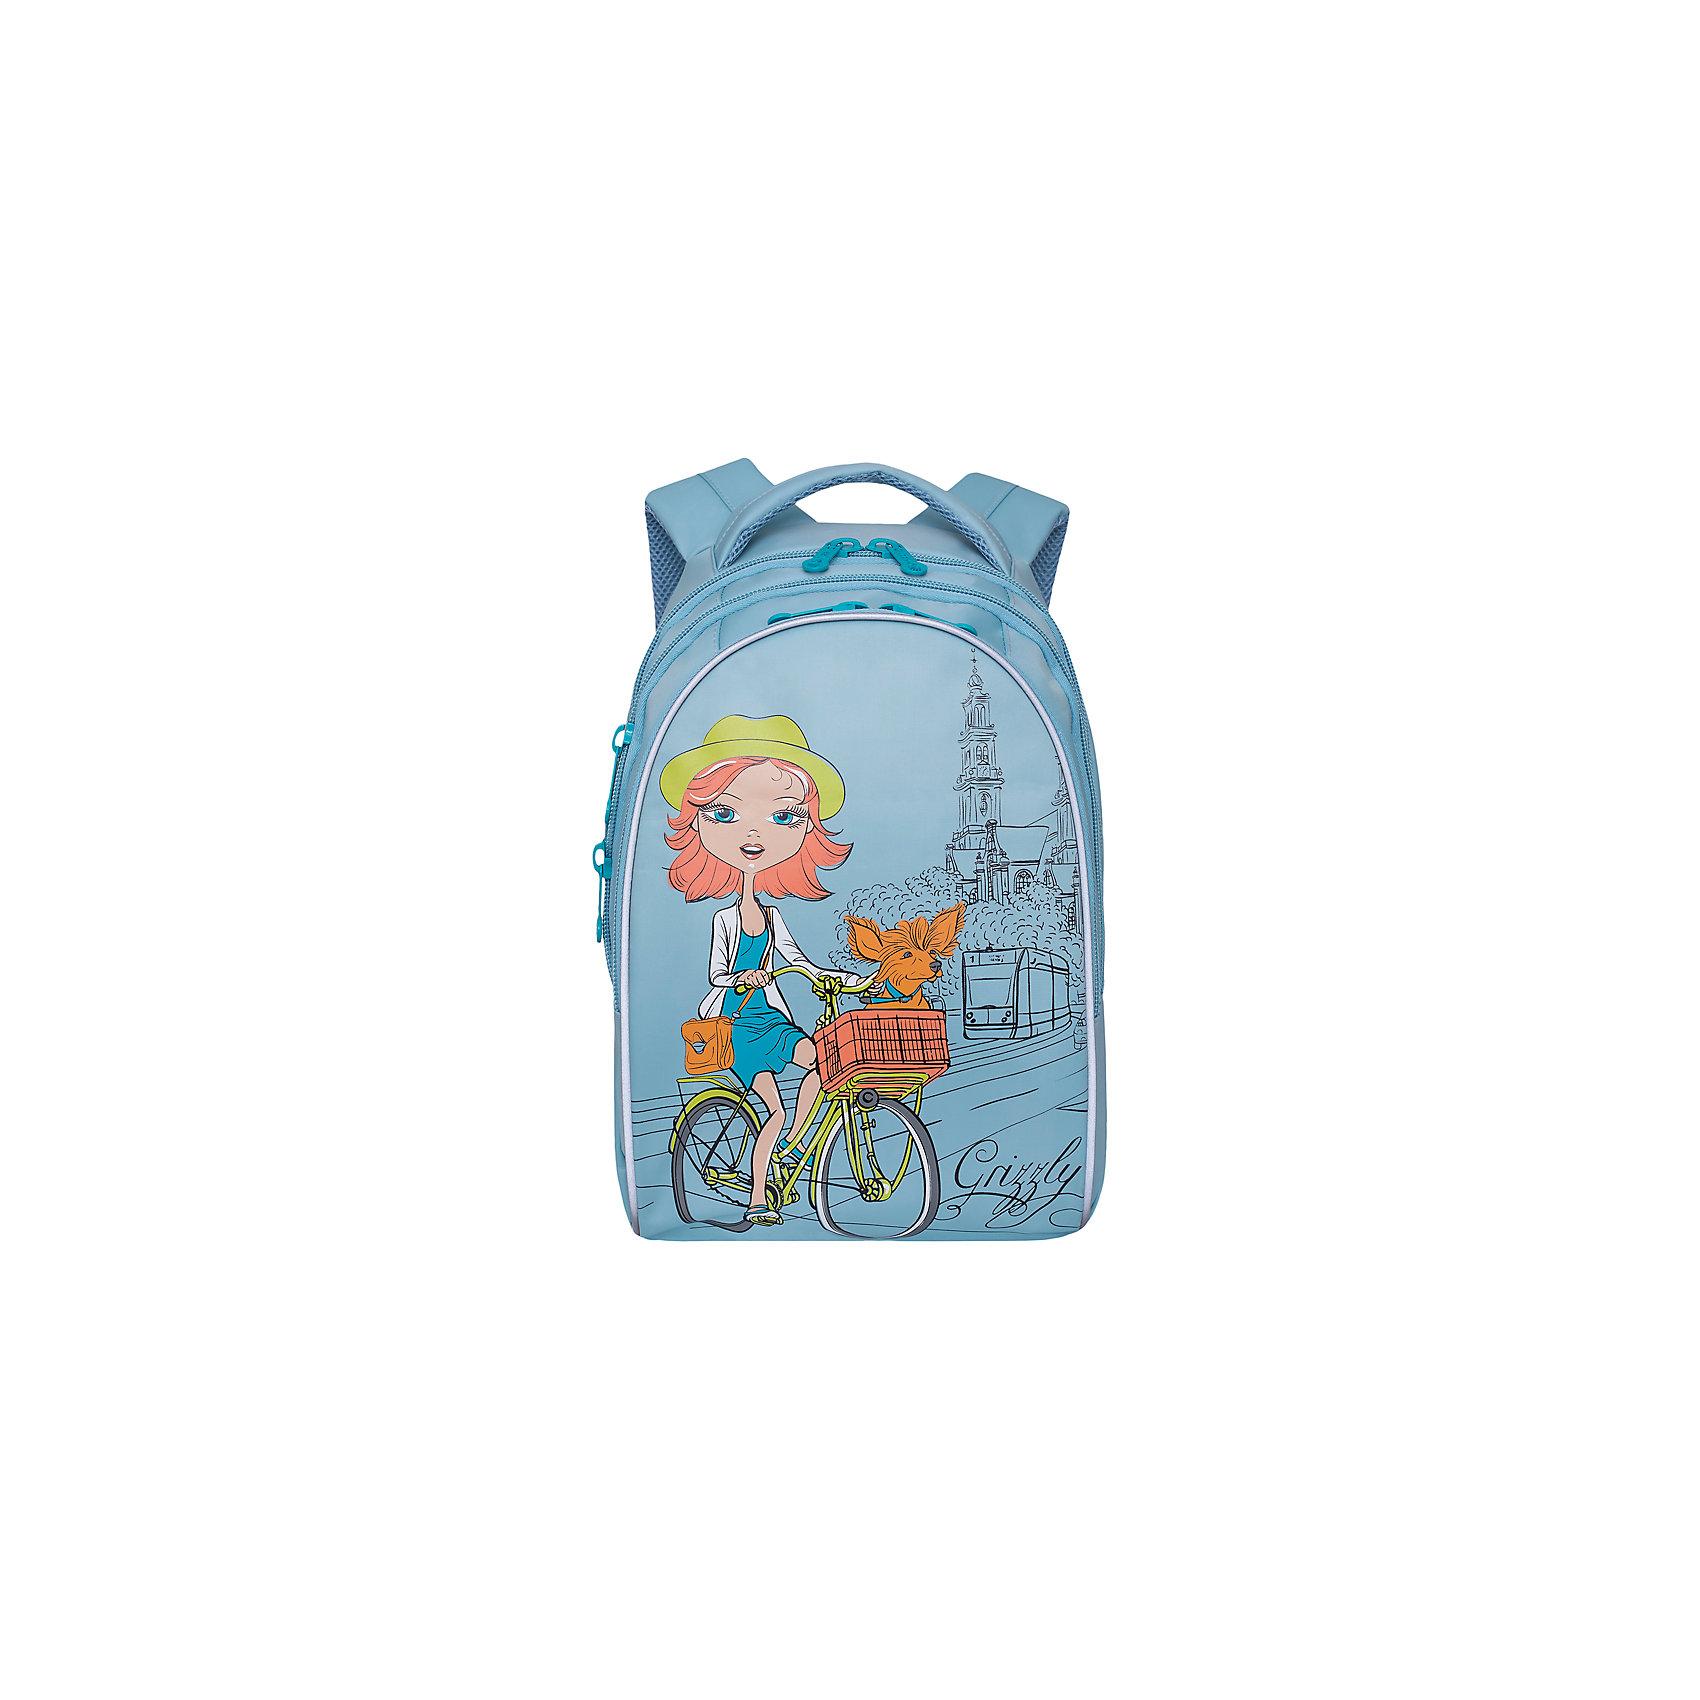 Рюкзак школьный Grizzly 3 отделенияРюкзаки<br>Рюкзак школьный, два отделения, два объемных кармана на молнии на передней стенке, боковые карманы из сетки, внутренний подвесной карман на молнии, внутренний составной пенал-органайзер, жесткая анатомическая спинка, дополнительная ручка-петля, мягкая укрепленная ручка, укрепленные лямки, светоотражающие элементы с четырех сторон.<br>Вес, г: 1020<br>Размер, см: 28х41х20<br>Состав: Нейлон<br>Наличие светоотражающих элементов:  нет<br>Материал: Нейлон<br>Спина:  полужесткая<br>Наличие дополнительных карманов внутри:  да<br>Дно выбрать:  Мягкое<br>Количество отделений внутри:  3<br>Боковые карманы: да<br>Замок:  Молния<br>Вмещает А4:  да<br><br>Ширина мм: 280<br>Глубина мм: 200<br>Высота мм: 410<br>Вес г: 910<br>Возраст от месяцев: 72<br>Возраст до месяцев: 144<br>Пол: Женский<br>Возраст: Детский<br>SKU: 6727532